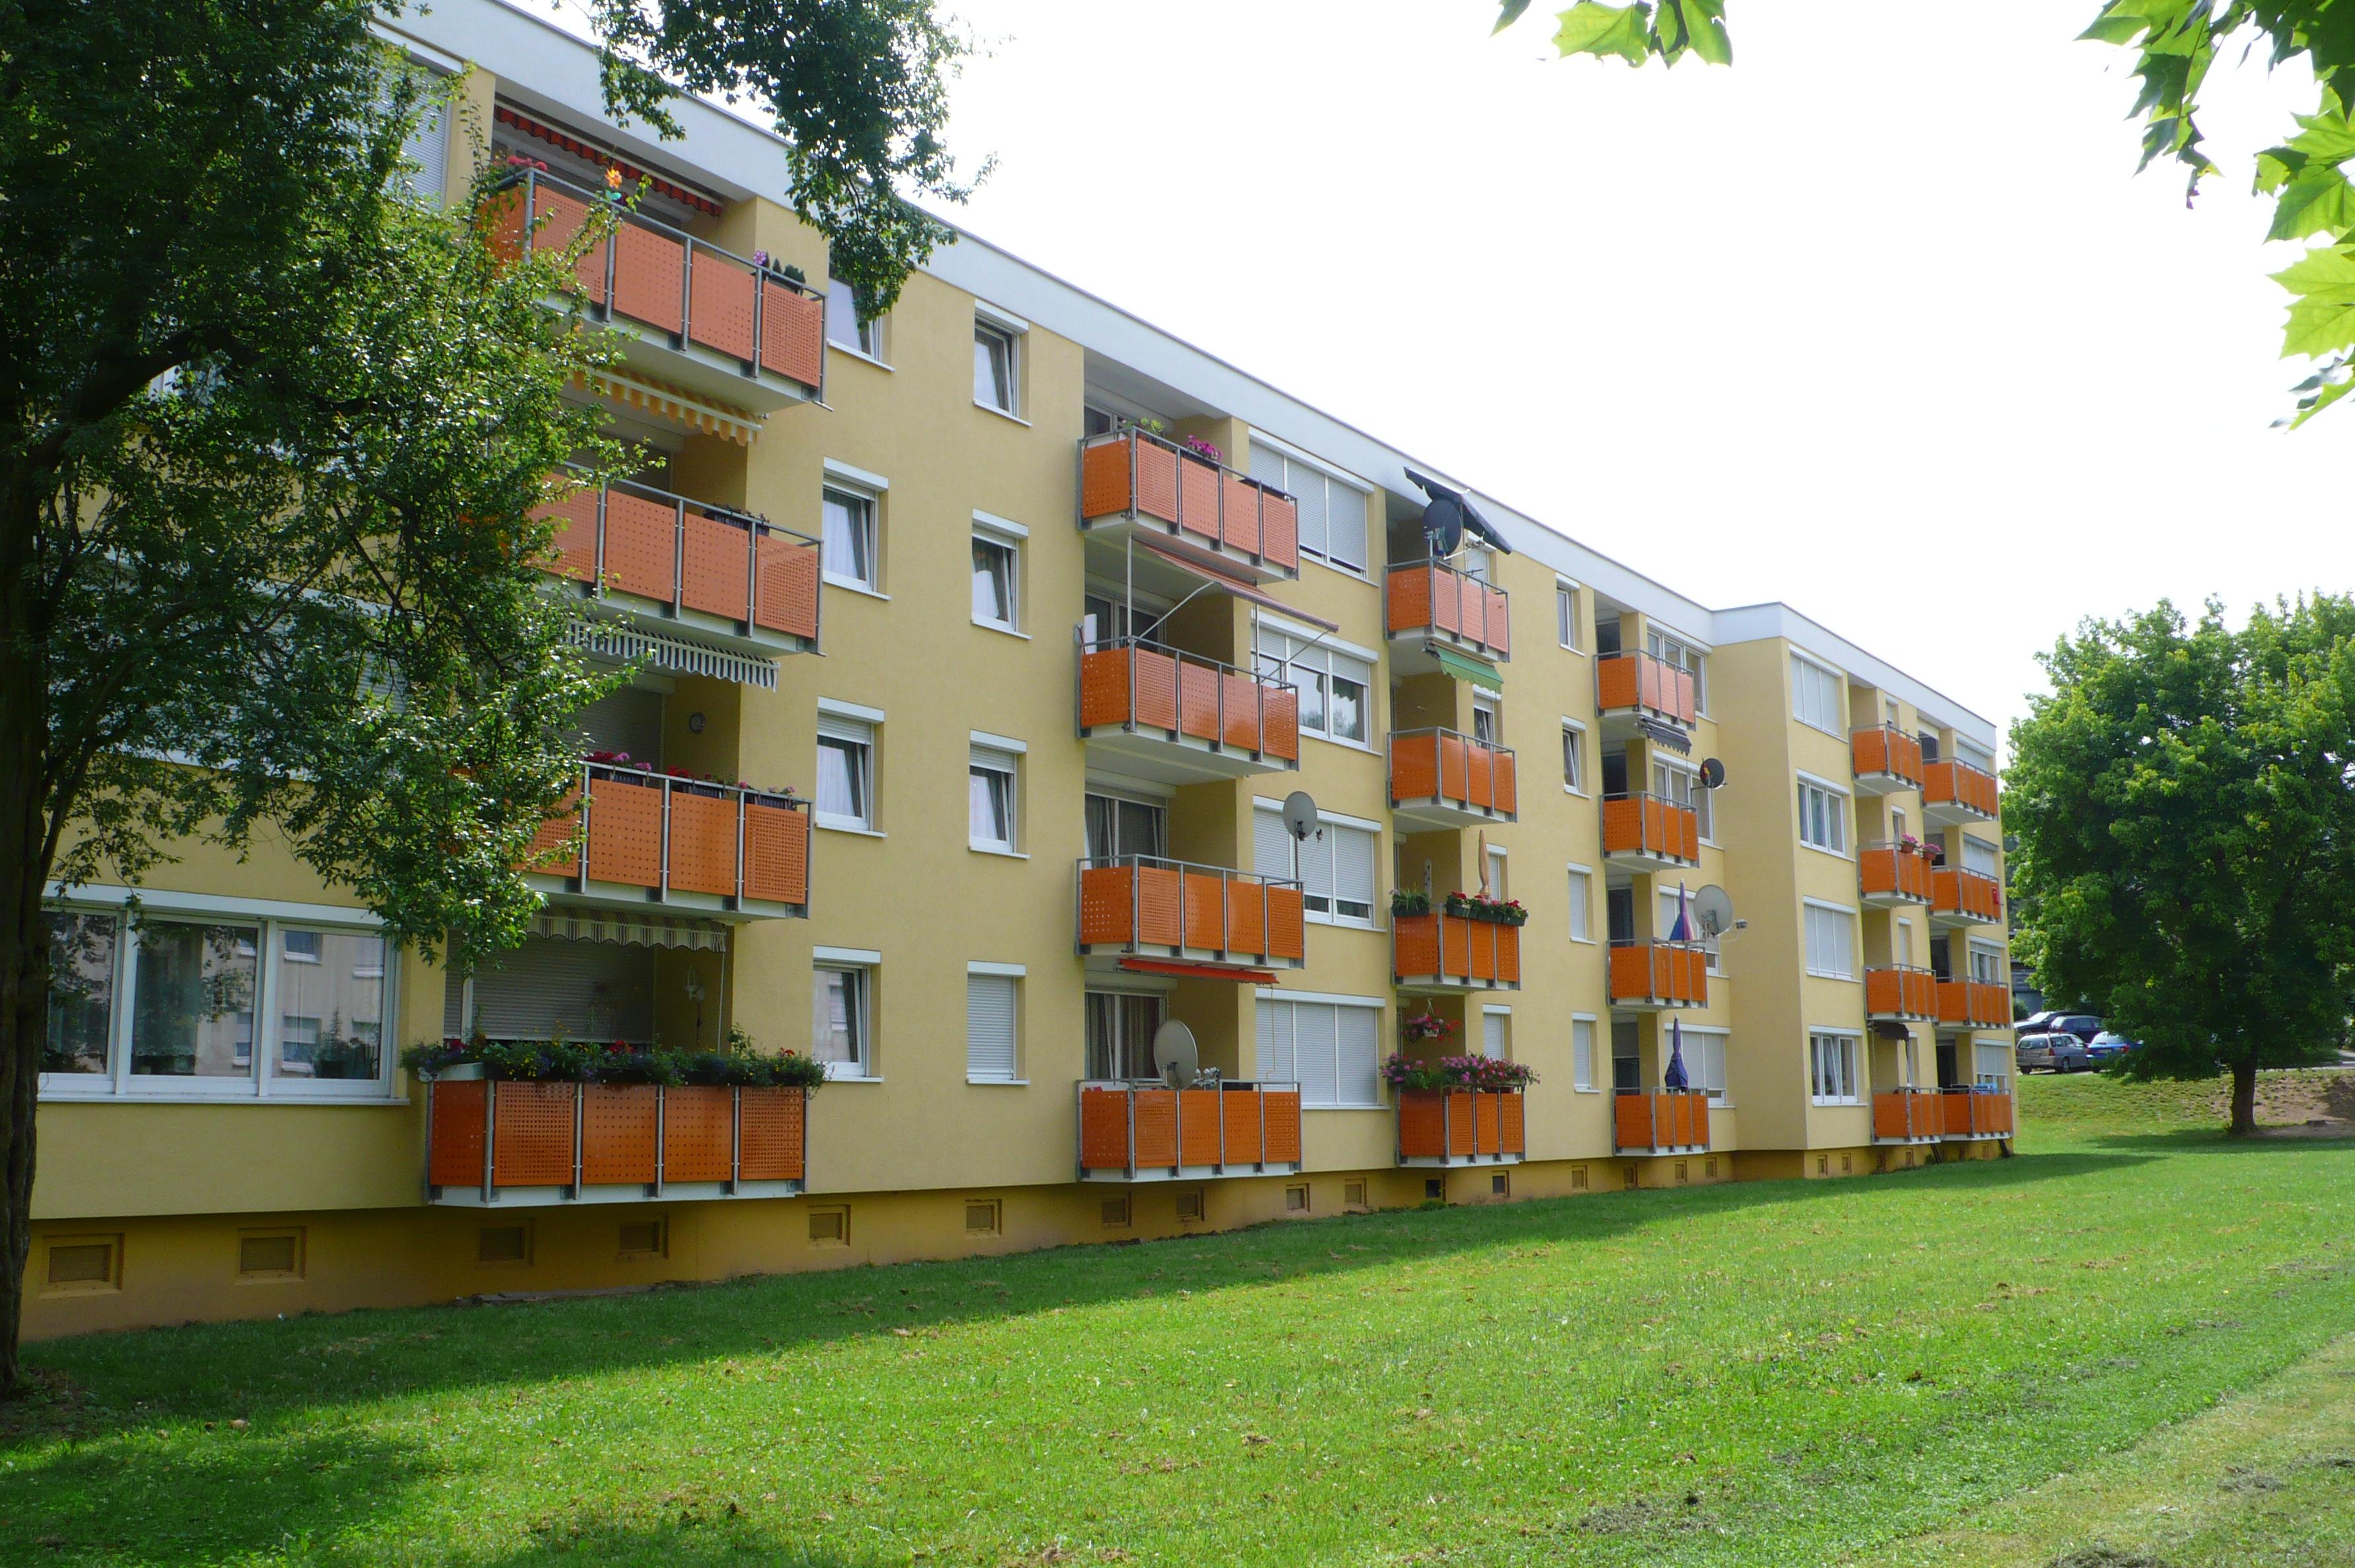 P1000361 - Alle BGW-Häuser